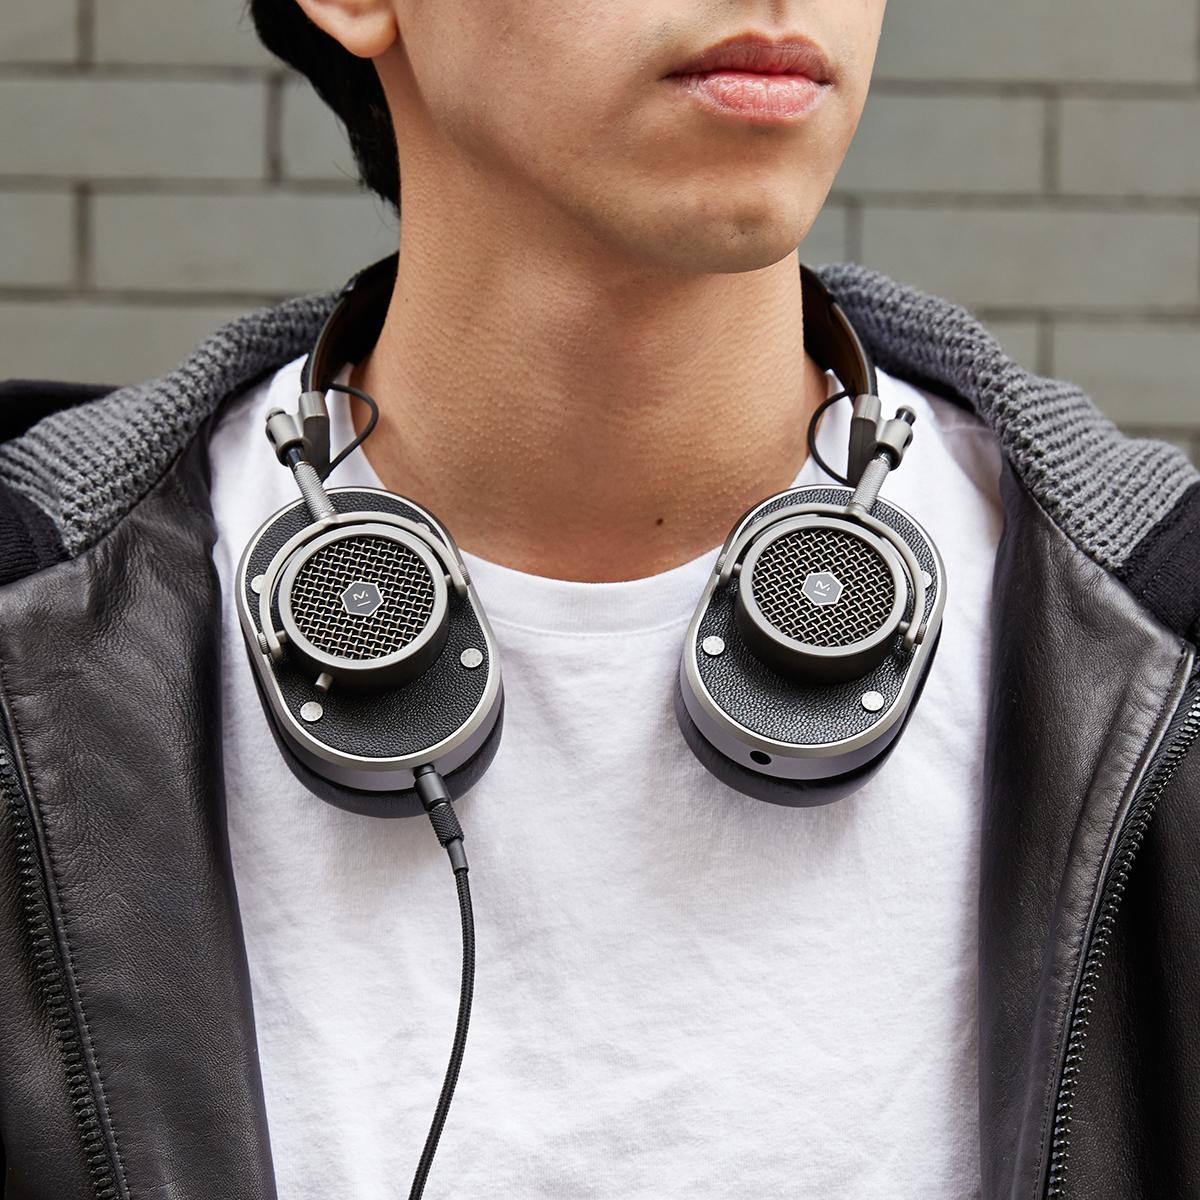 分享 | 买耳机应该留意什么?买耳机应该注意什么?耳机应该怎样选?